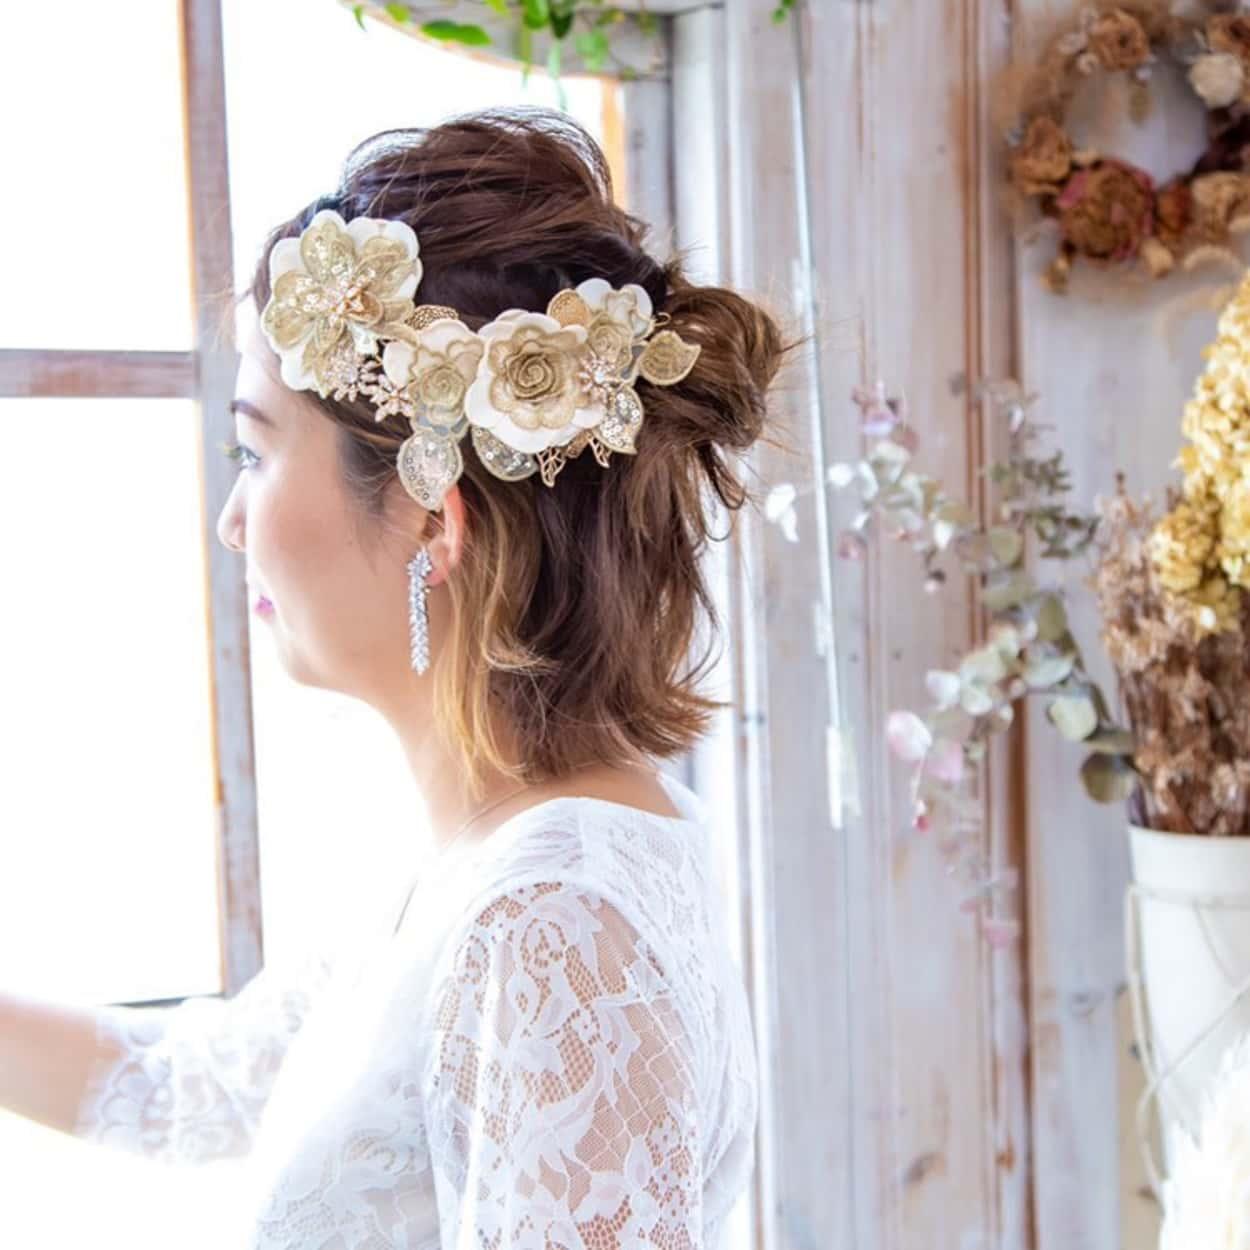 花嫁 髪型 編み込みヘアにヘア アクセサリー ウェディングドレス着用